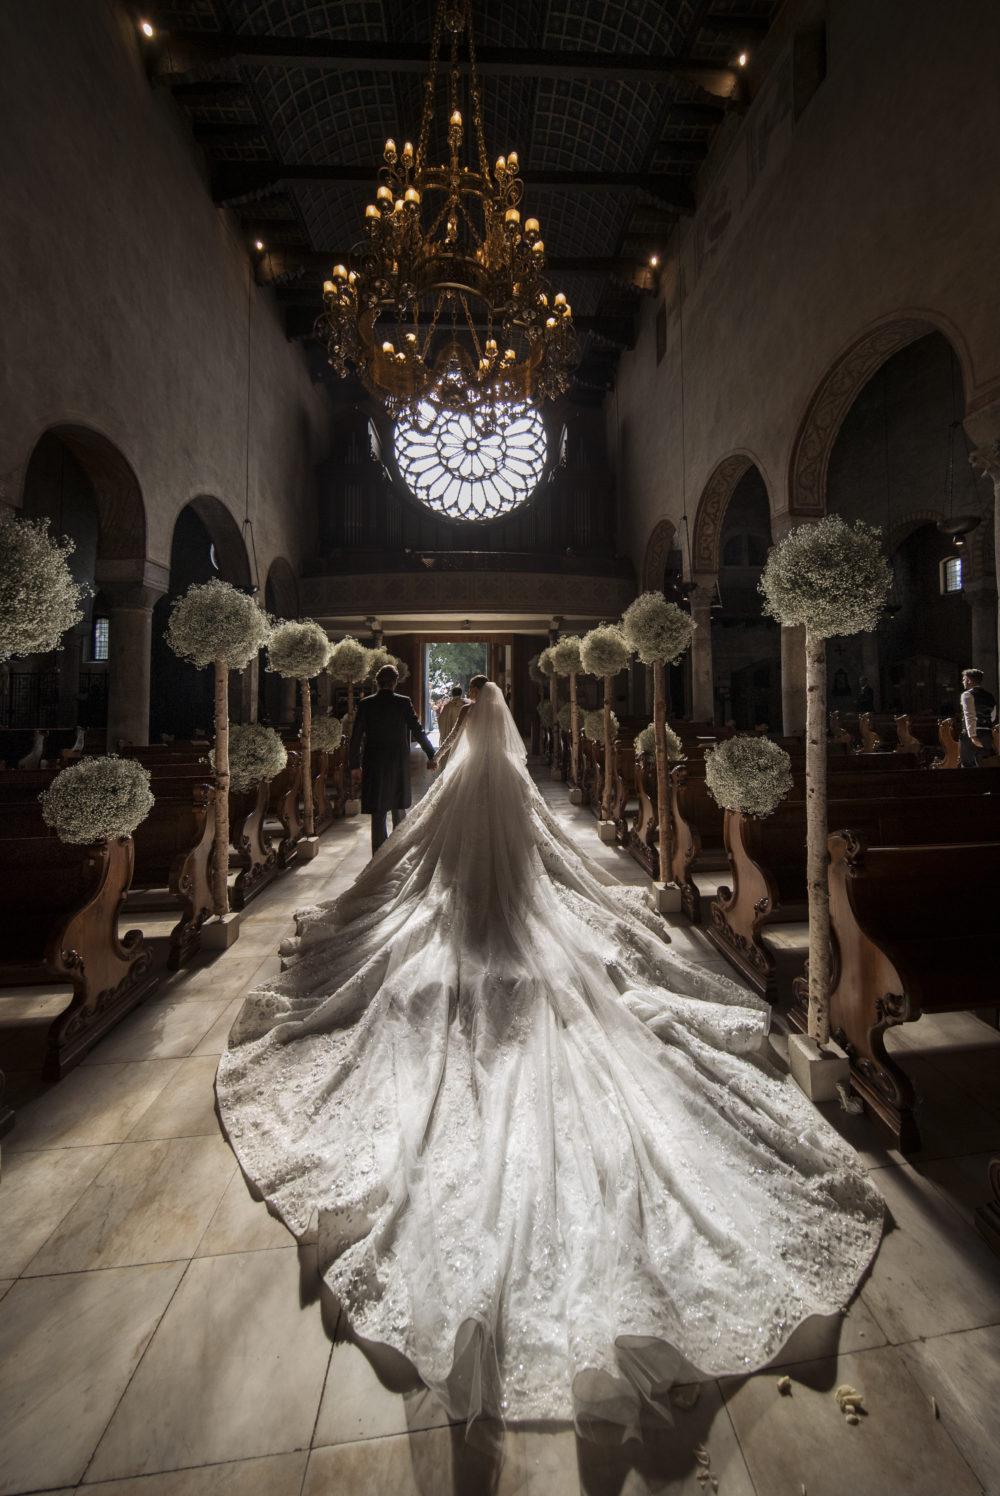 swarovski crystals Viktoria Swarovski Got Married in a Gown Covered in Swarovski Crystals Viktoria Swarovski Got Married in a Gown Covered in Swarovski Crystals 02